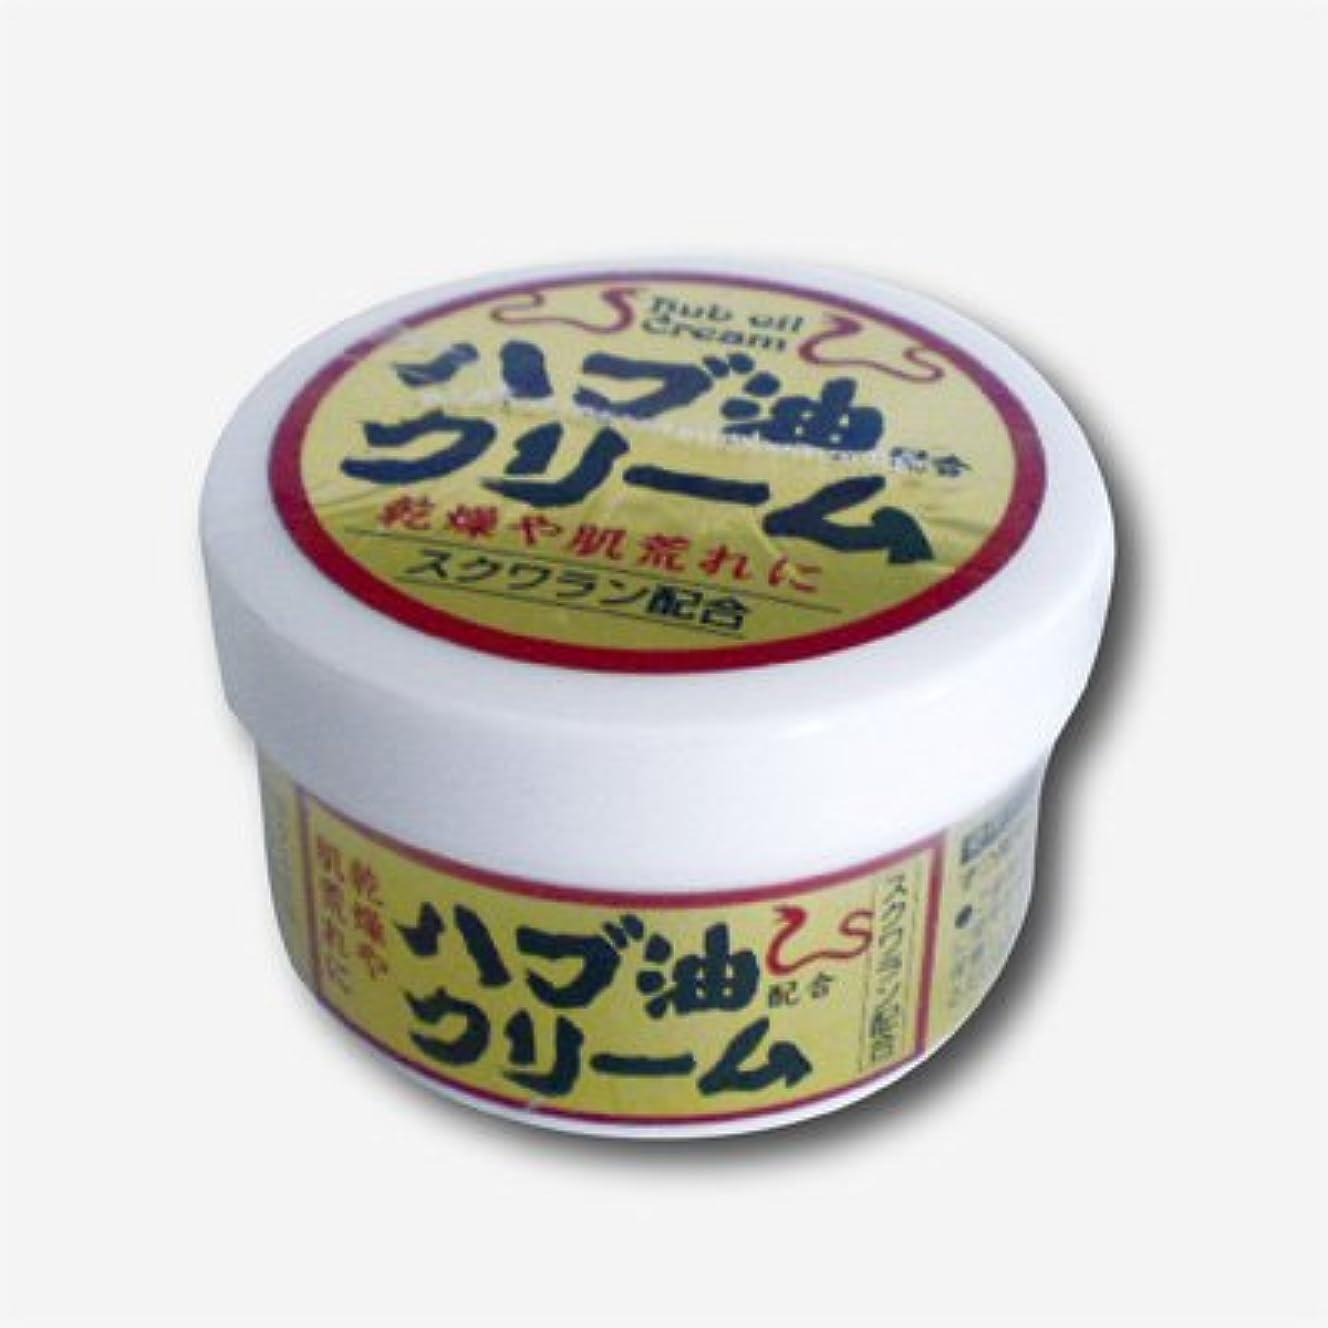 誠意おいしいスティックハブ油配合クリーム 2個【1個?50g】